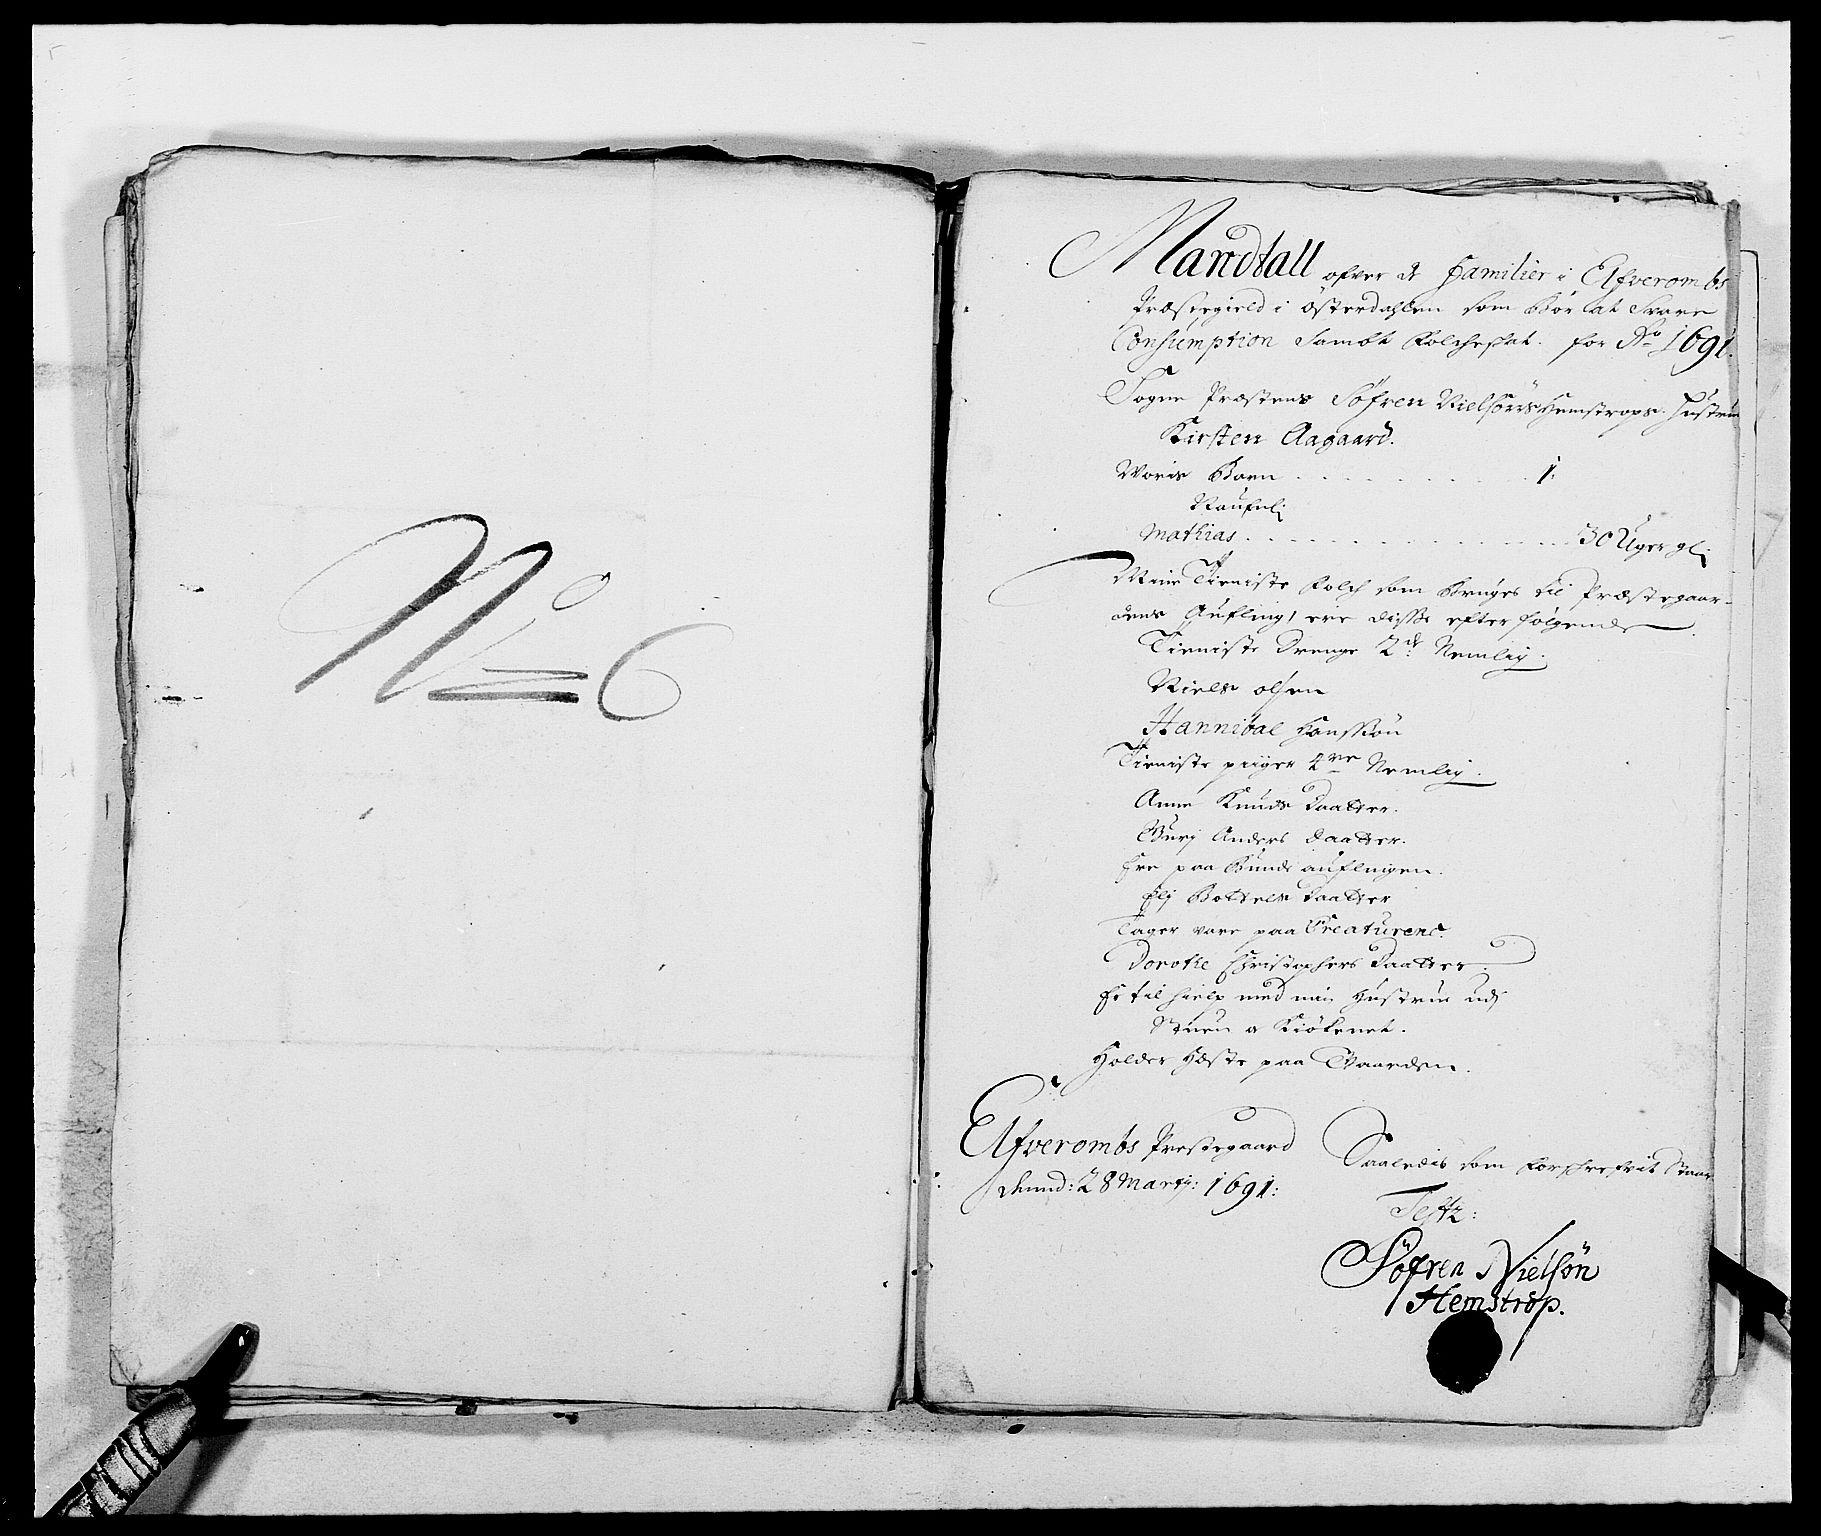 RA, Rentekammeret inntil 1814, Reviderte regnskaper, Fogderegnskap, R13/L0829: Fogderegnskap Solør, Odal og Østerdal, 1691, s. 339